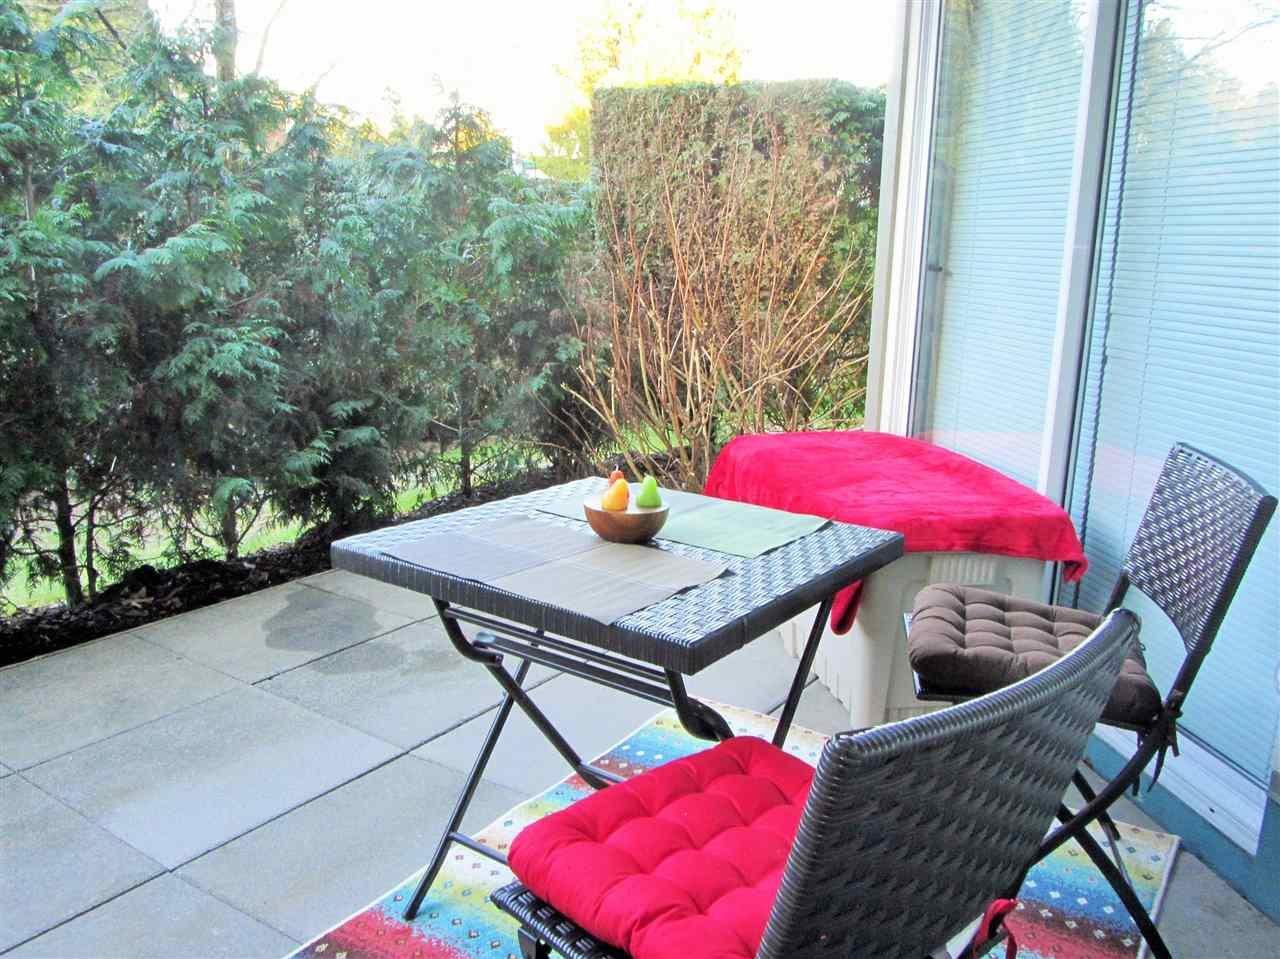 Photo 17: Photos: 114 15110 108 Avenue in Surrey: Bolivar Heights Condo for sale (North Surrey)  : MLS®# R2239803